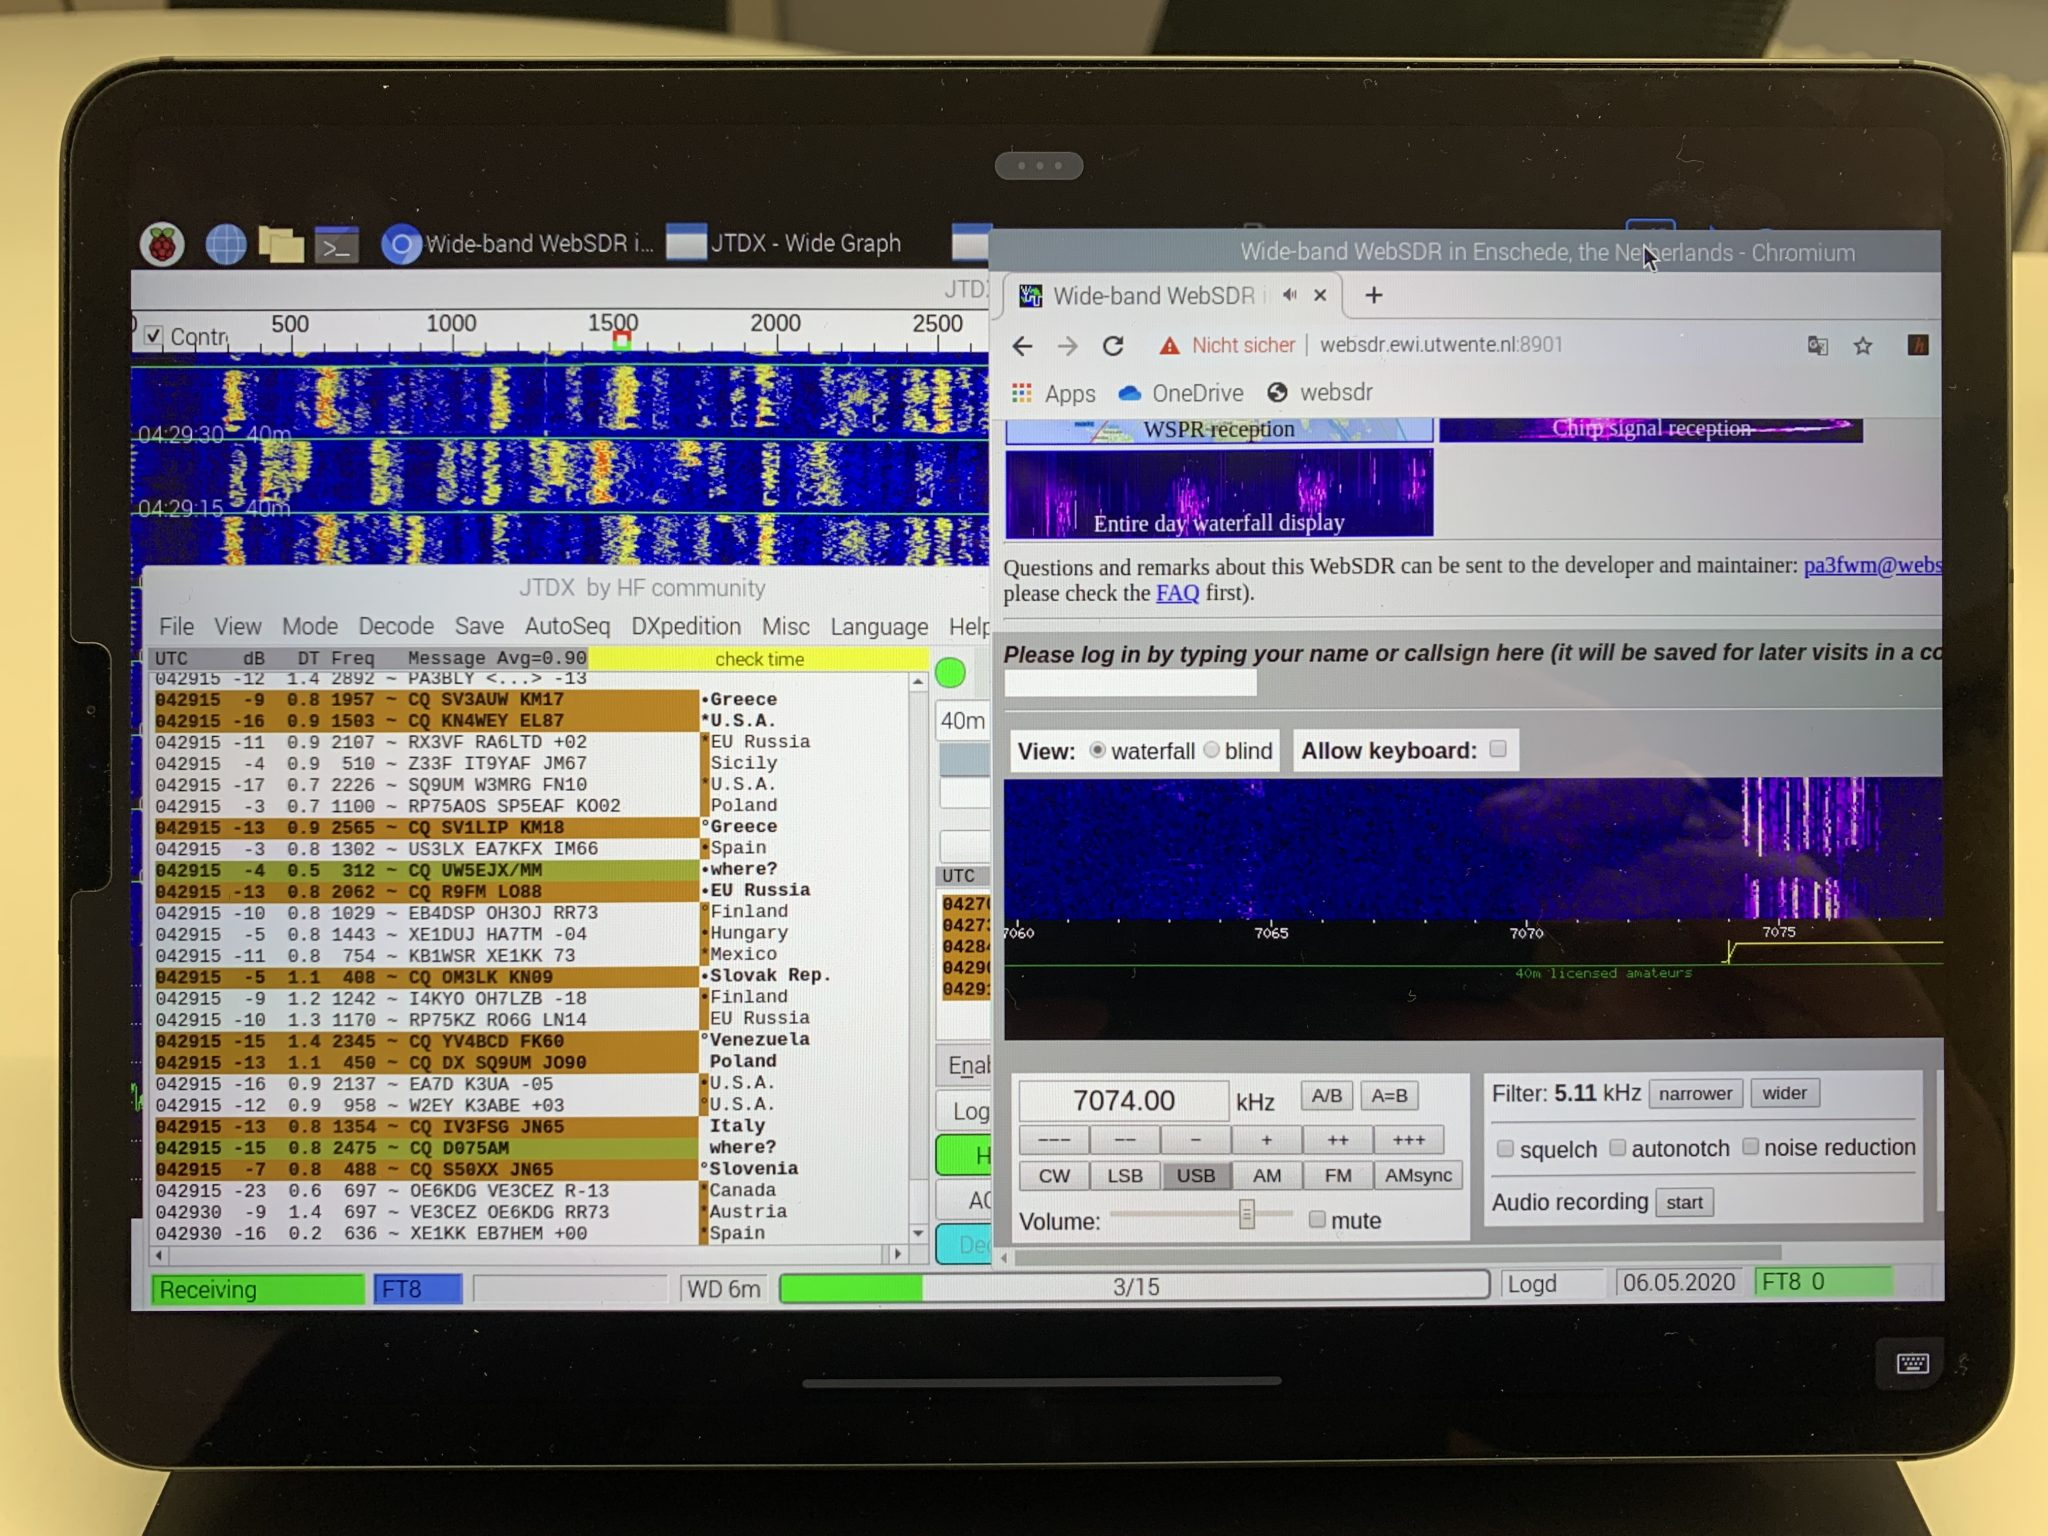 JTDX and WebSDR